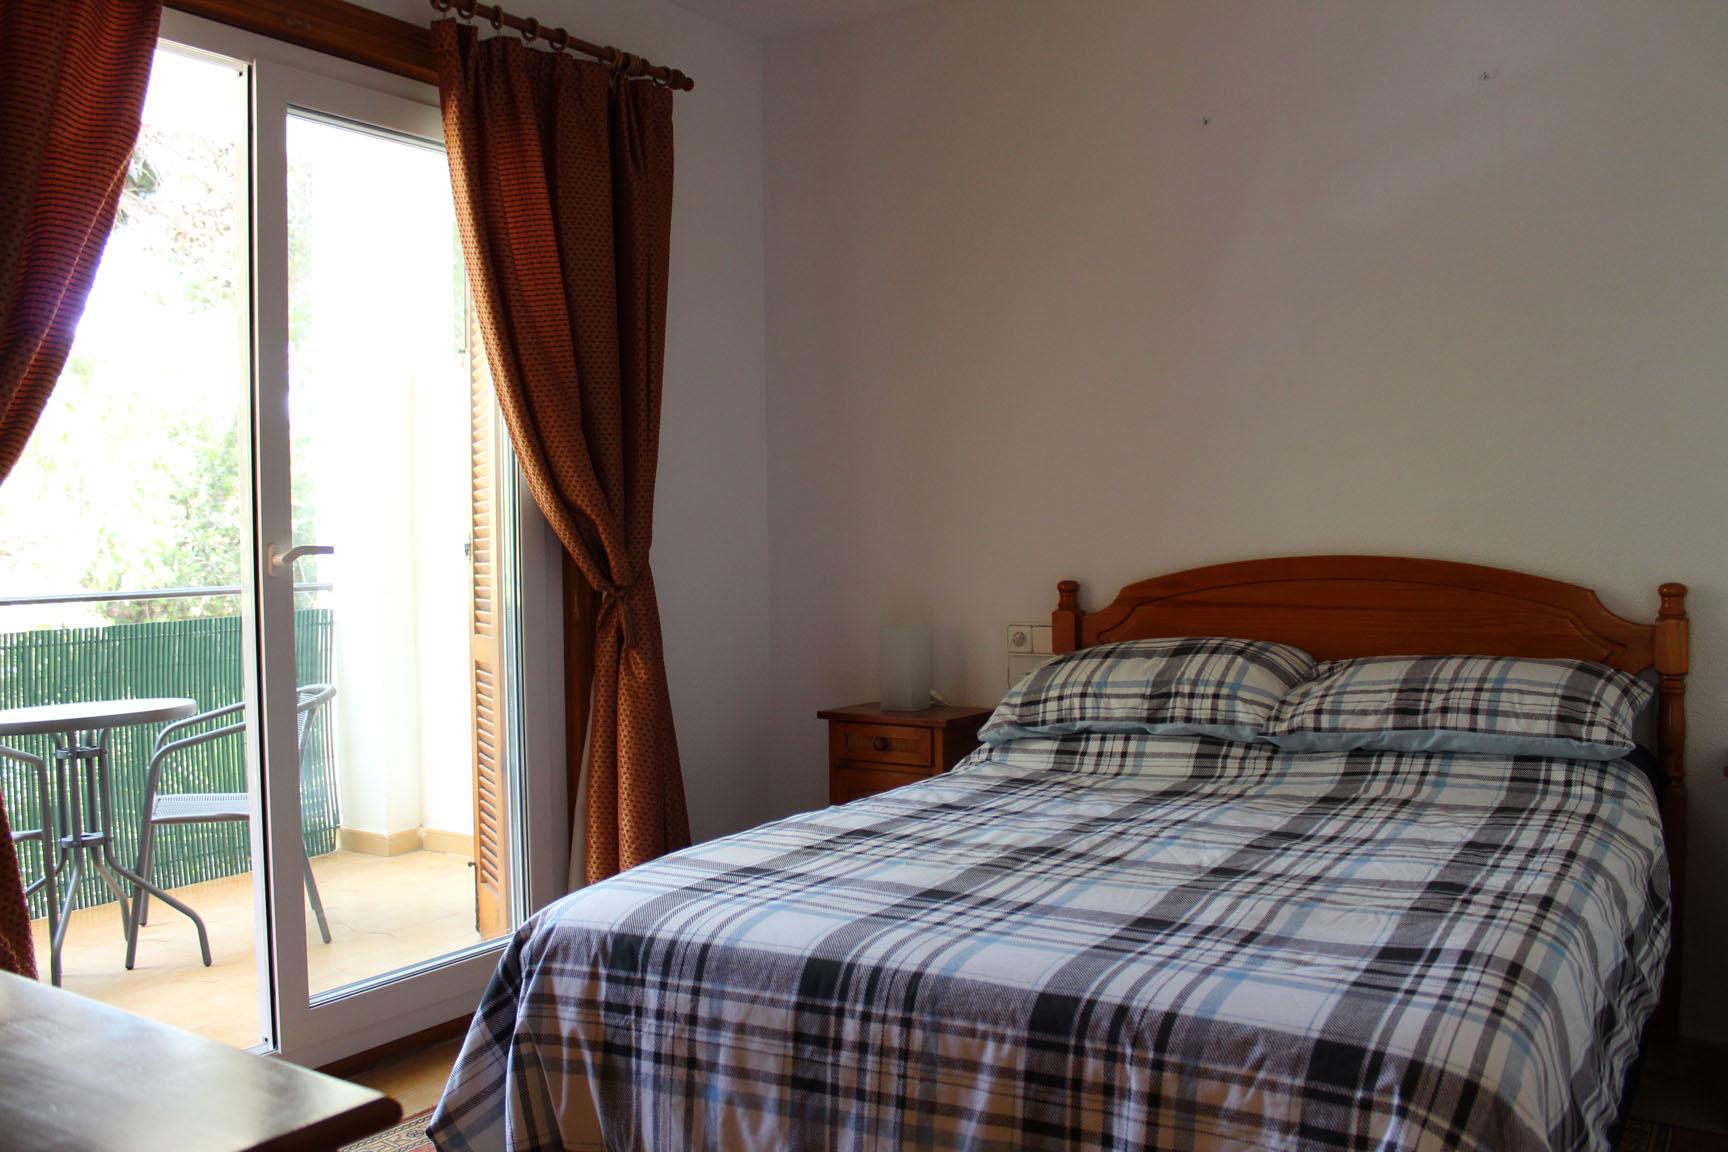 ITSH Property Double bedroom with balcony 7